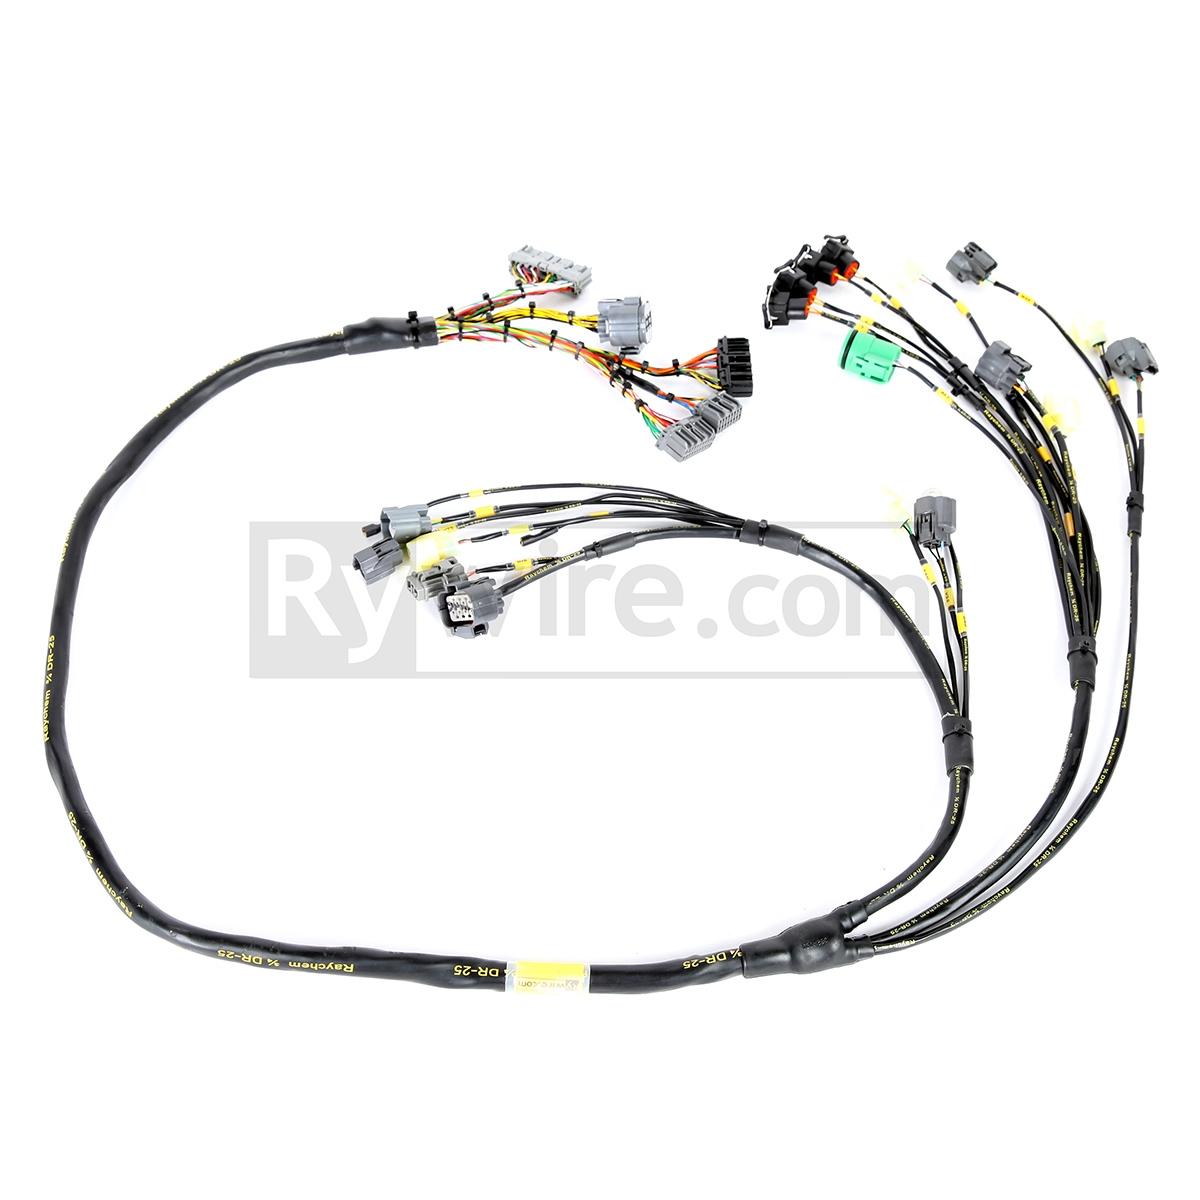 medium resolution of obd1 mil spec d b series tucked engine harness honda obd1 wiring harness mil spec